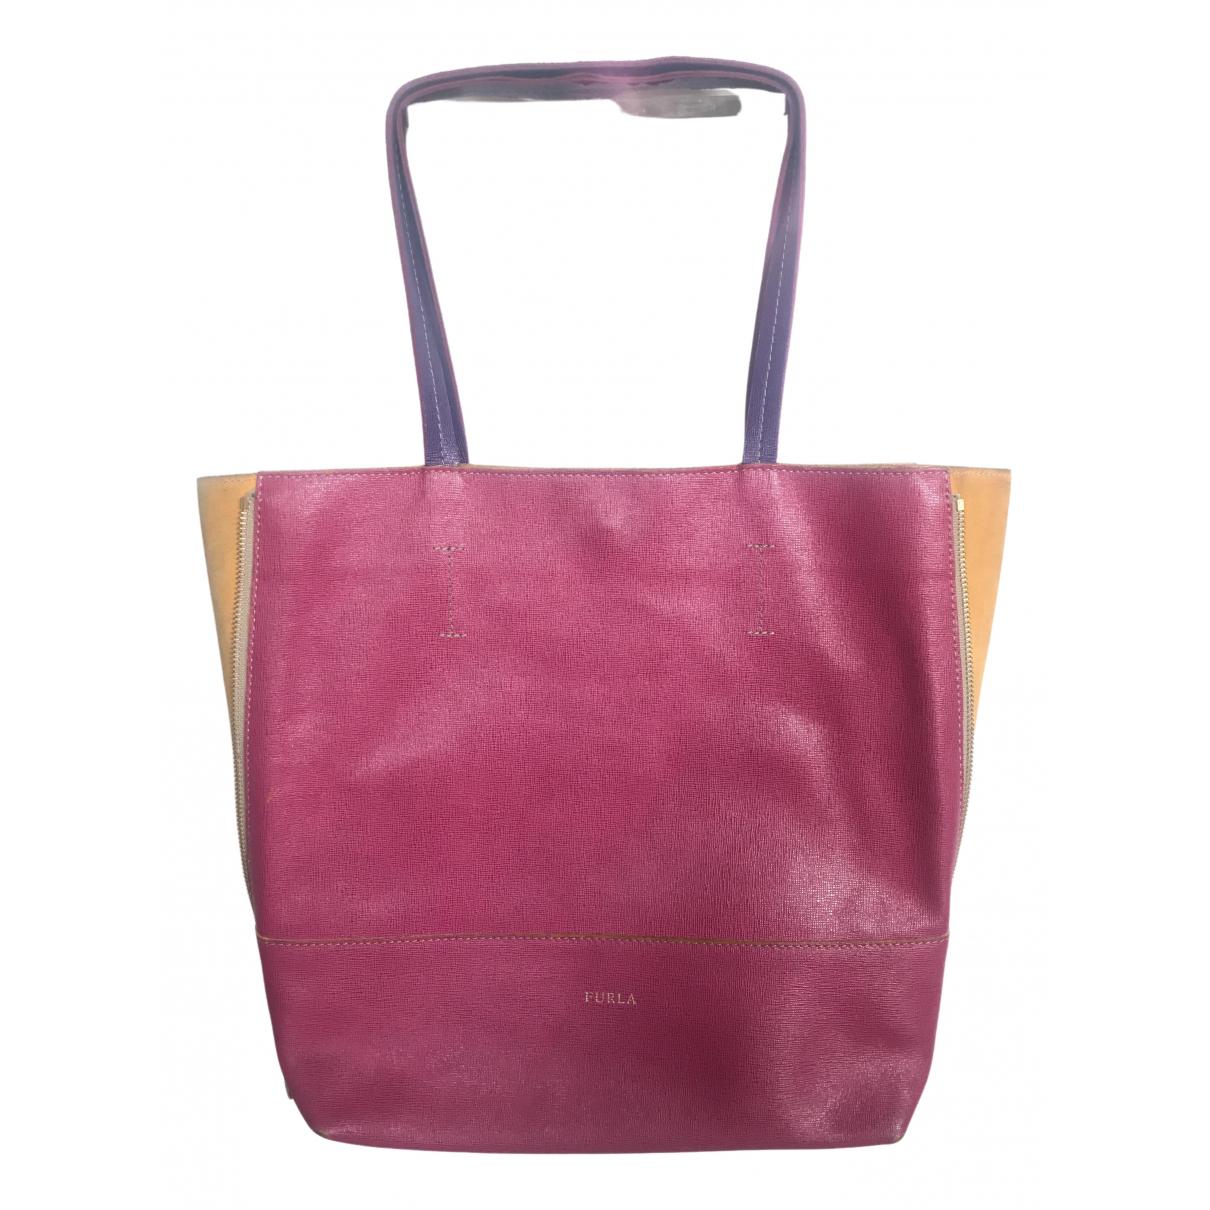 Furla \N Handtasche in  Bunt Leder